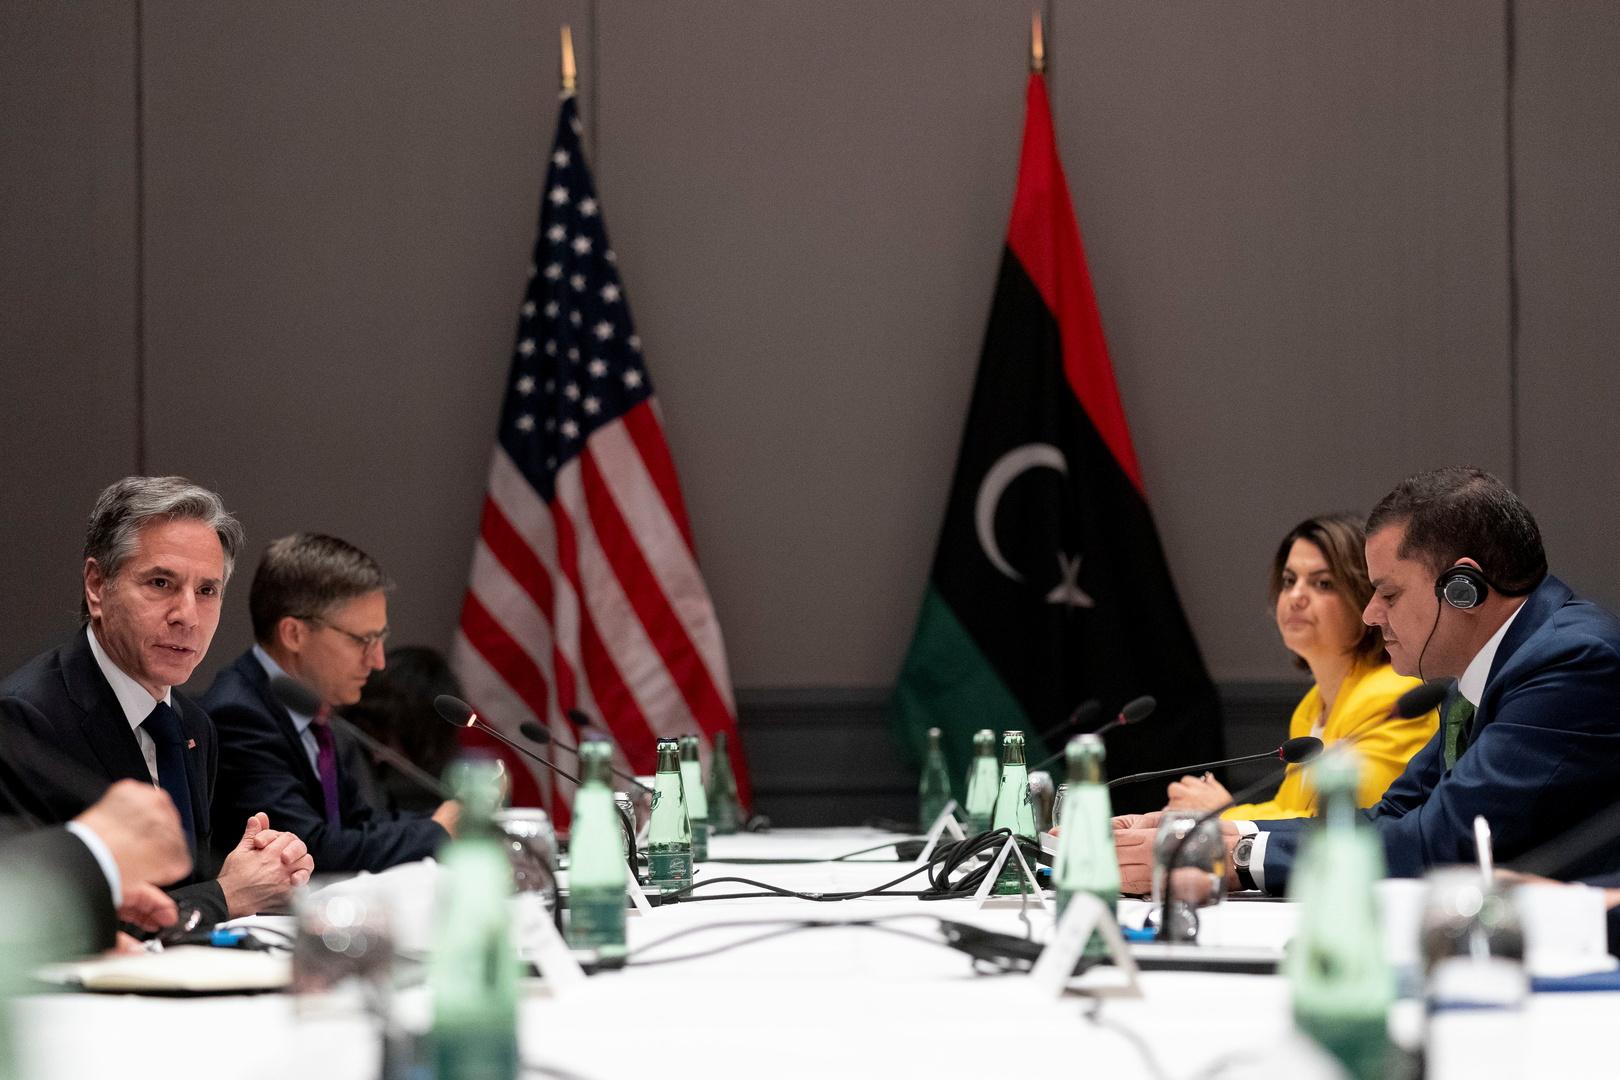 الدبيبة وبليكن يؤكدان ضرورة خروج جميع المرتزقة الأجانب من ليبيا